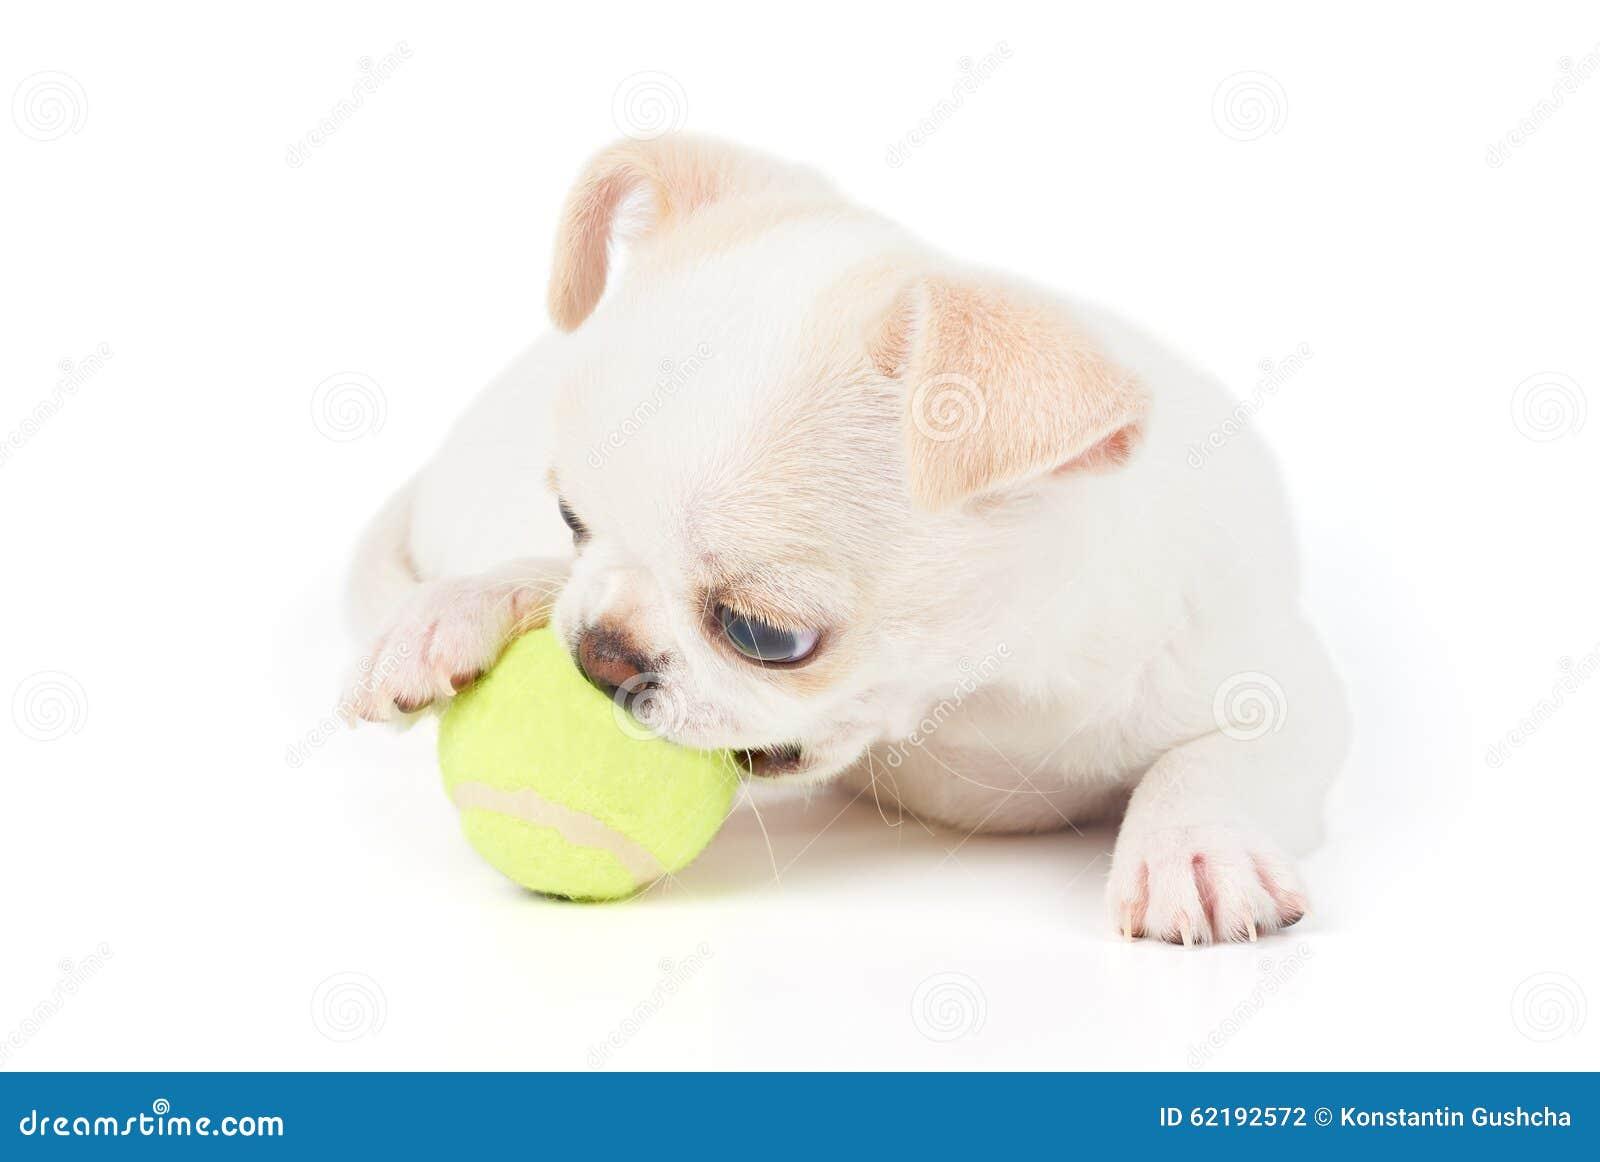 奇瓦瓦狗戏剧小狗与球的图片